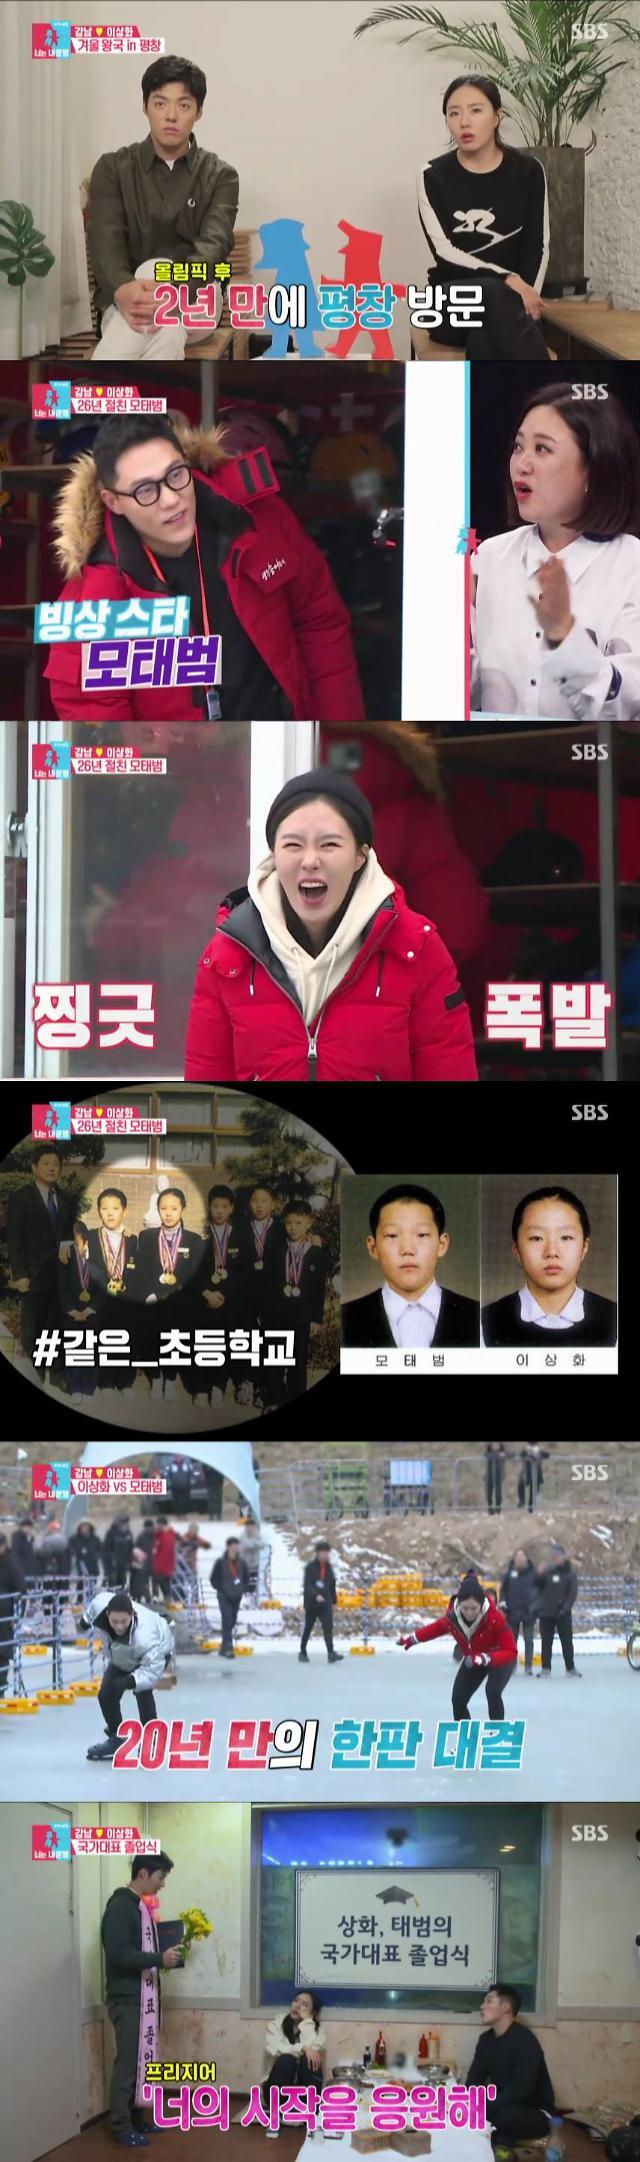 [간밤의 TV] 너는 내 운명' 月 예능 1위 '인기 꾸준' 분당 최고 11.5%까지